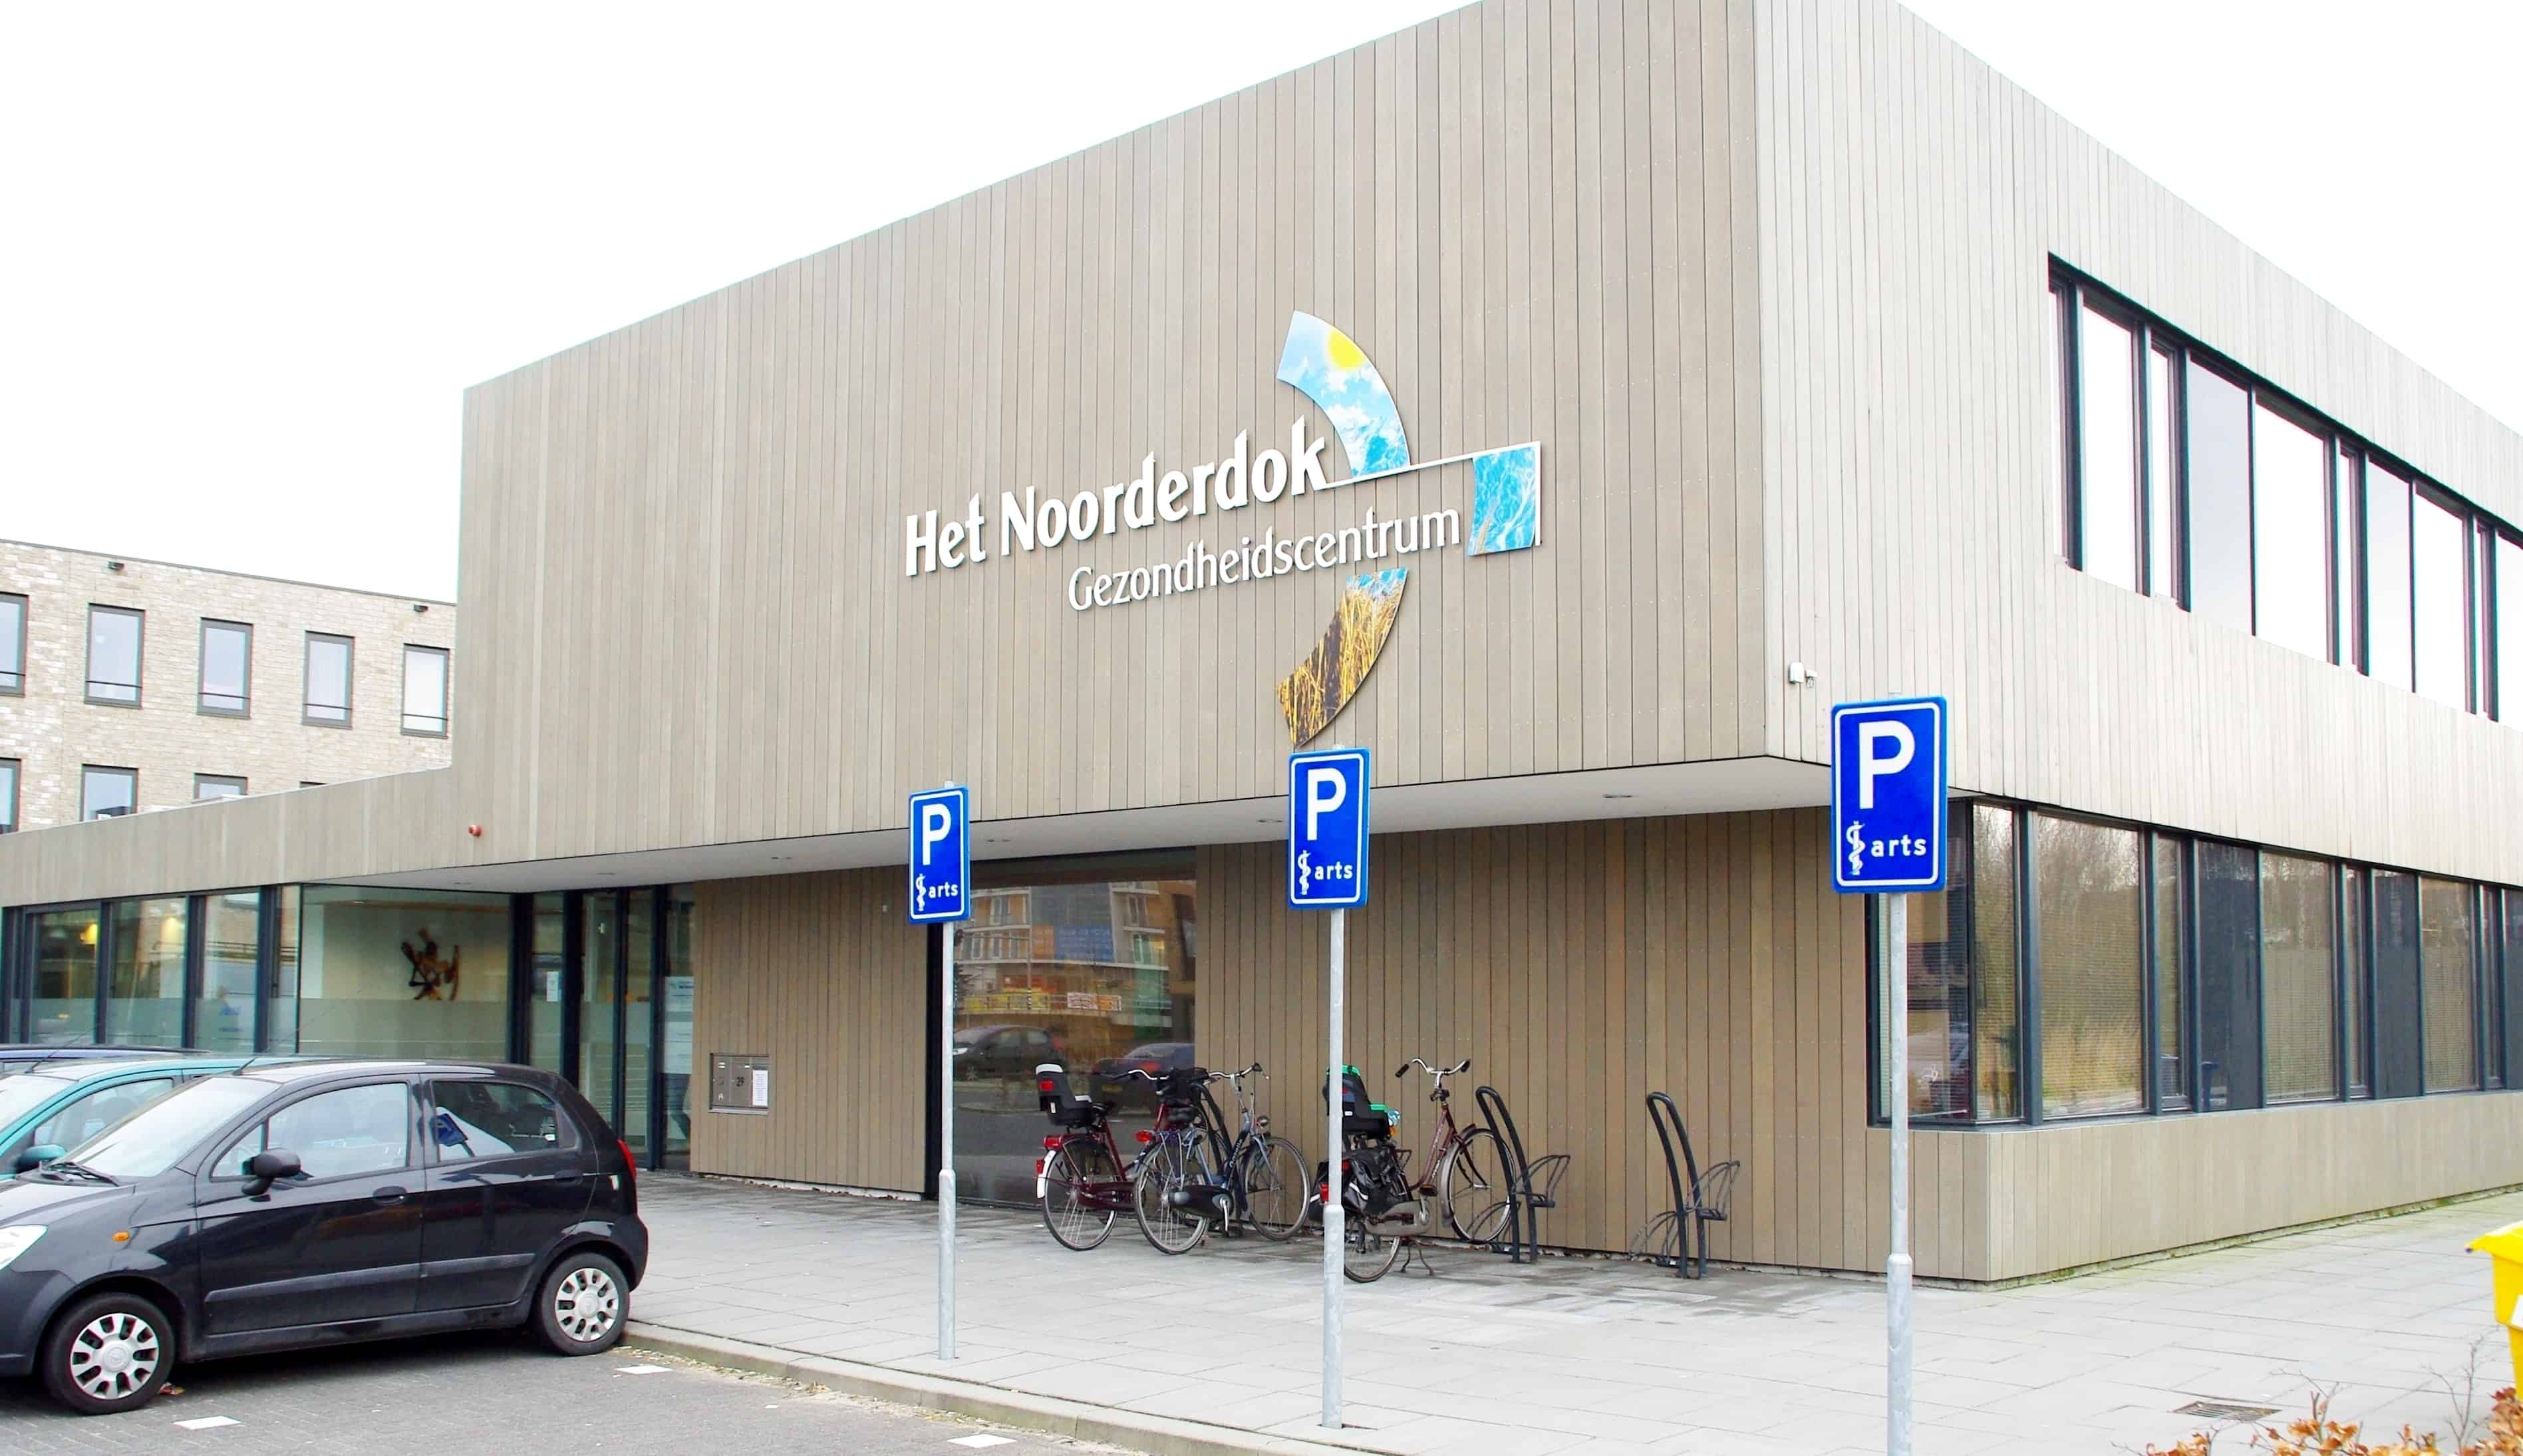 Pand Gezondheidscentrum Het Noorderdok